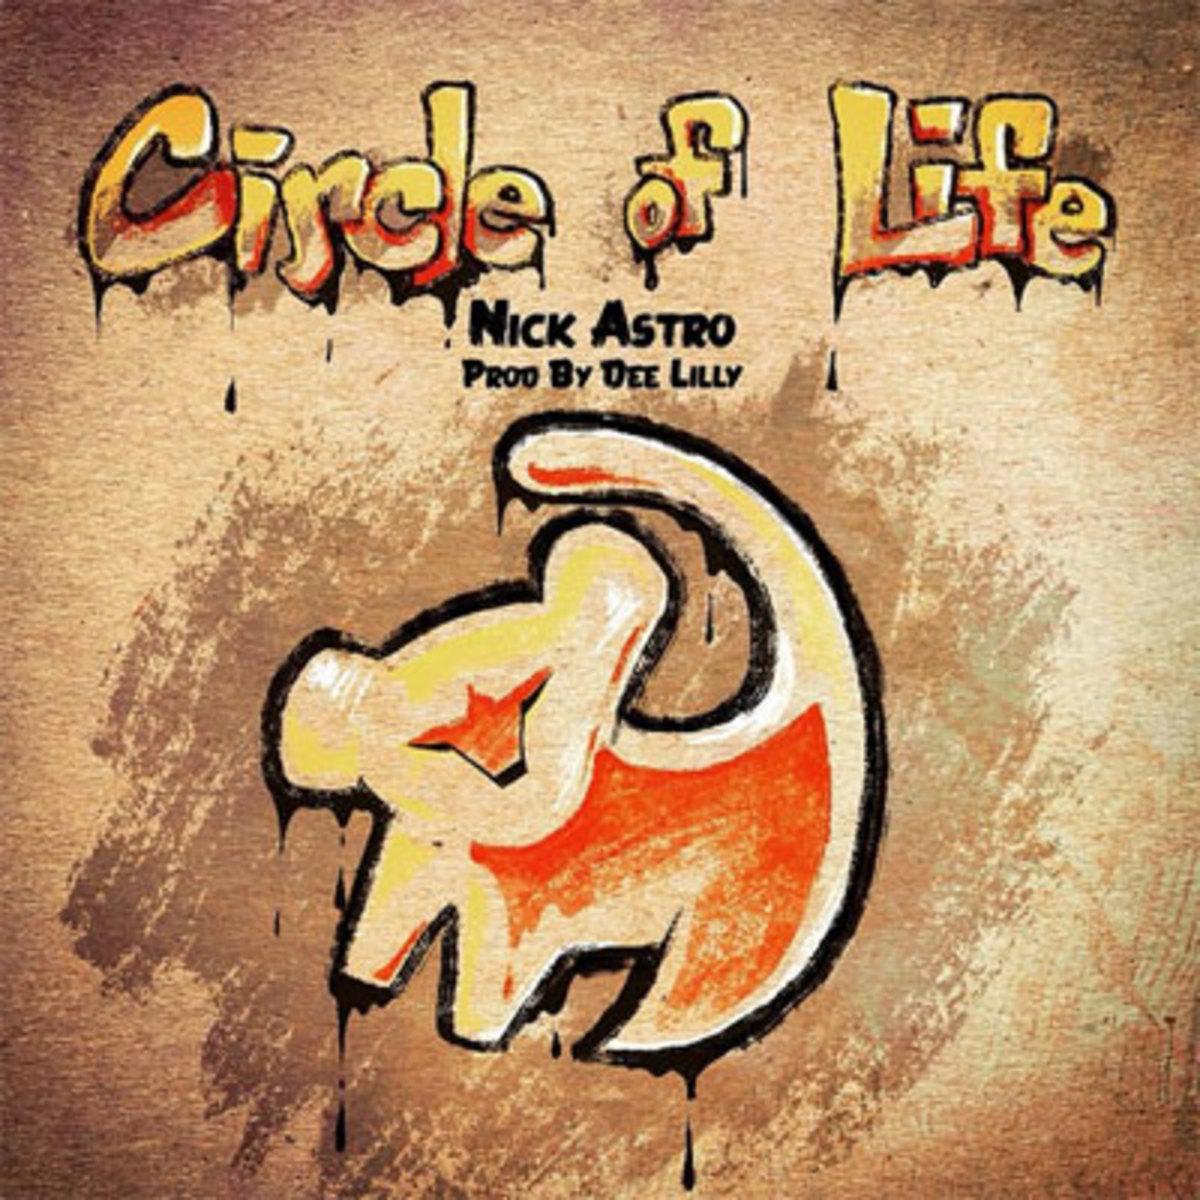 nickastro-circleoflife.jpg